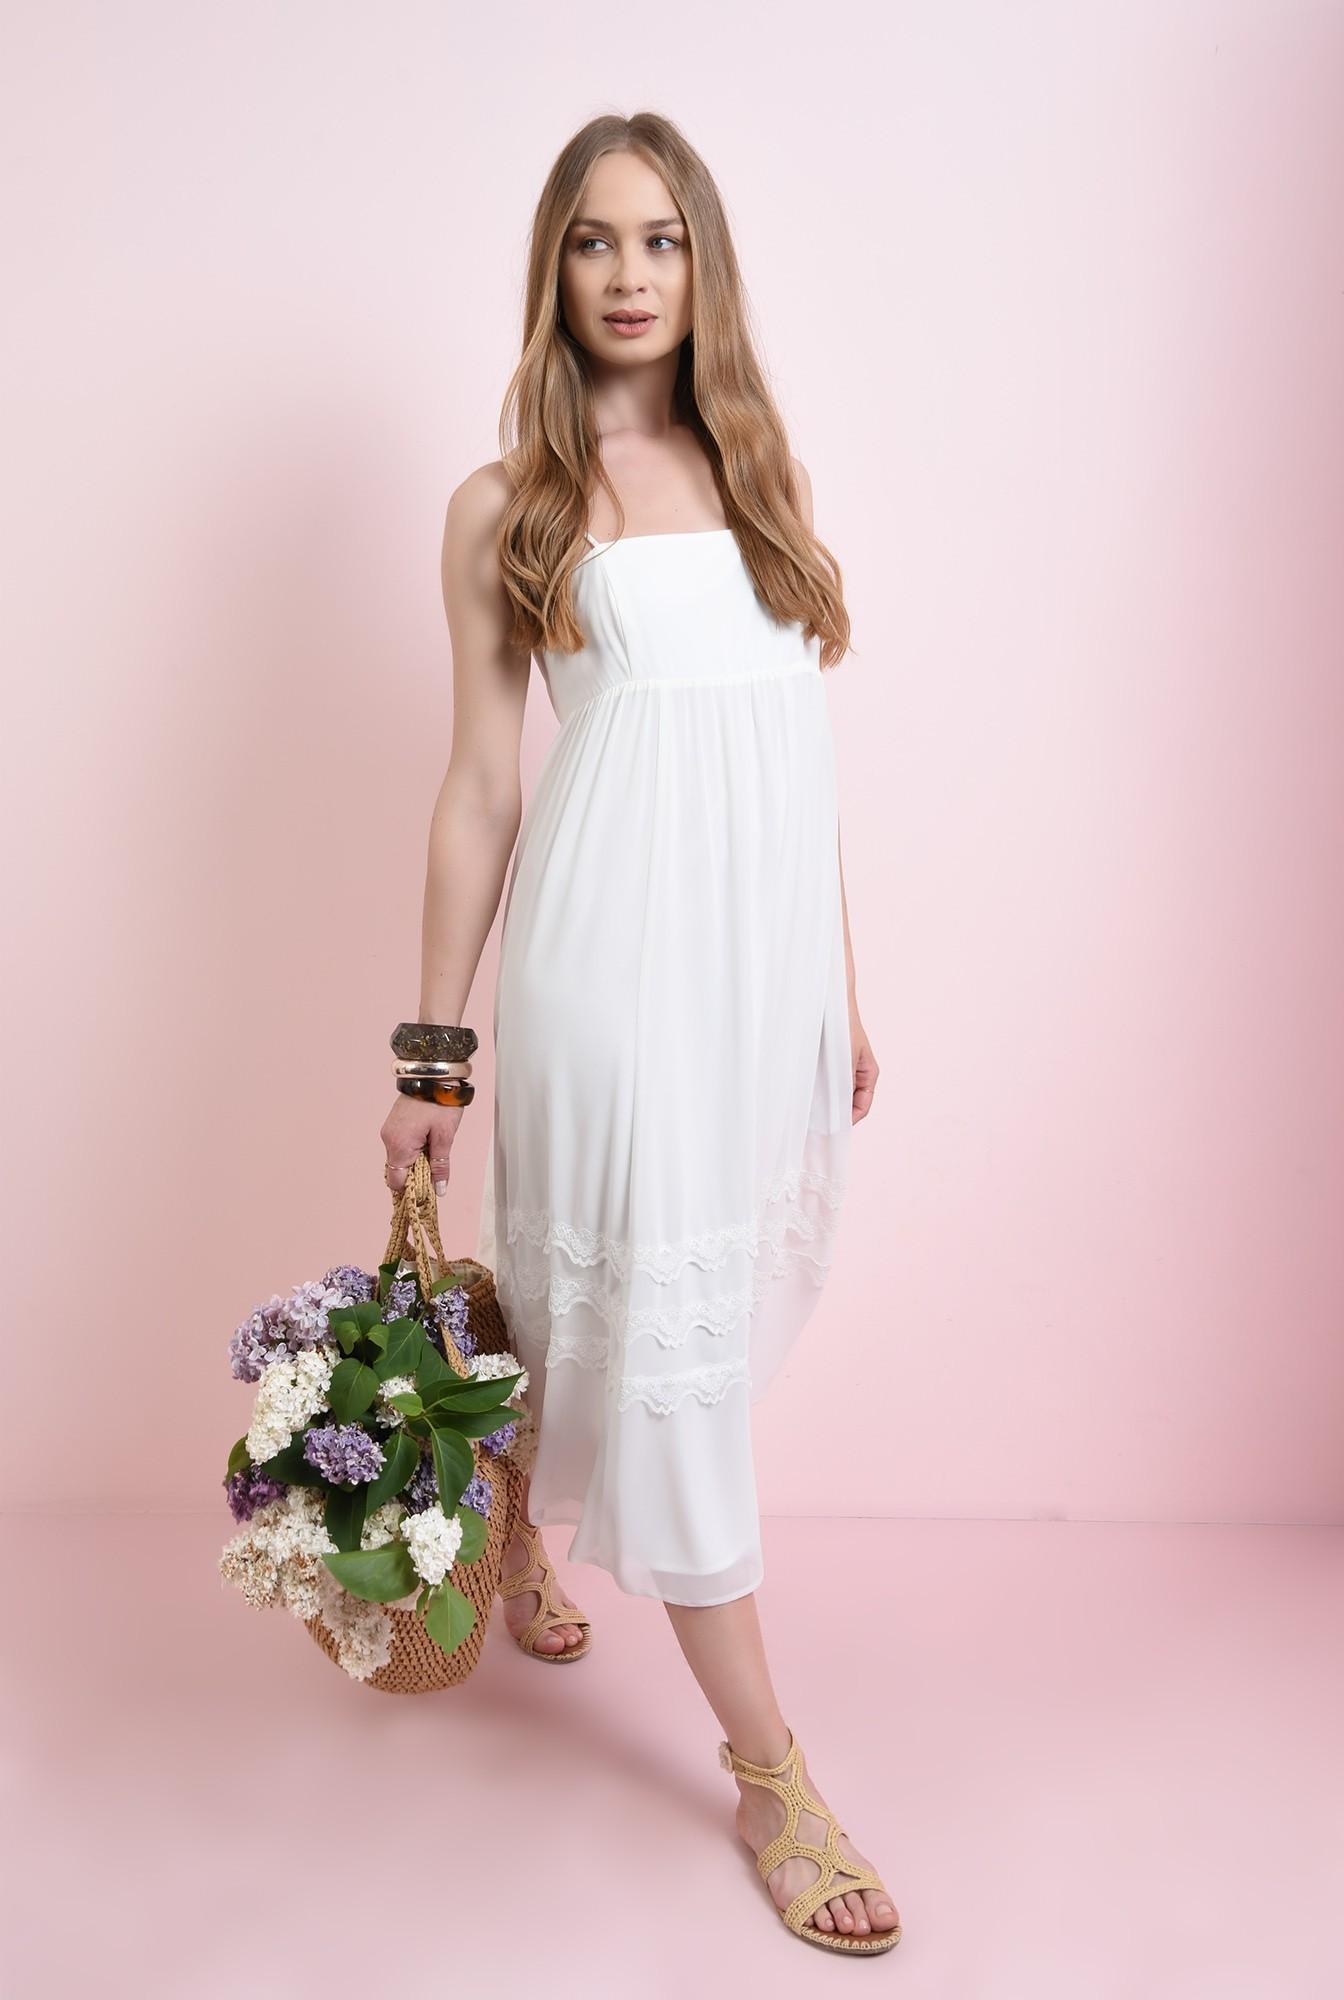 2 - rochie cu detaliu dantela, cu bretele